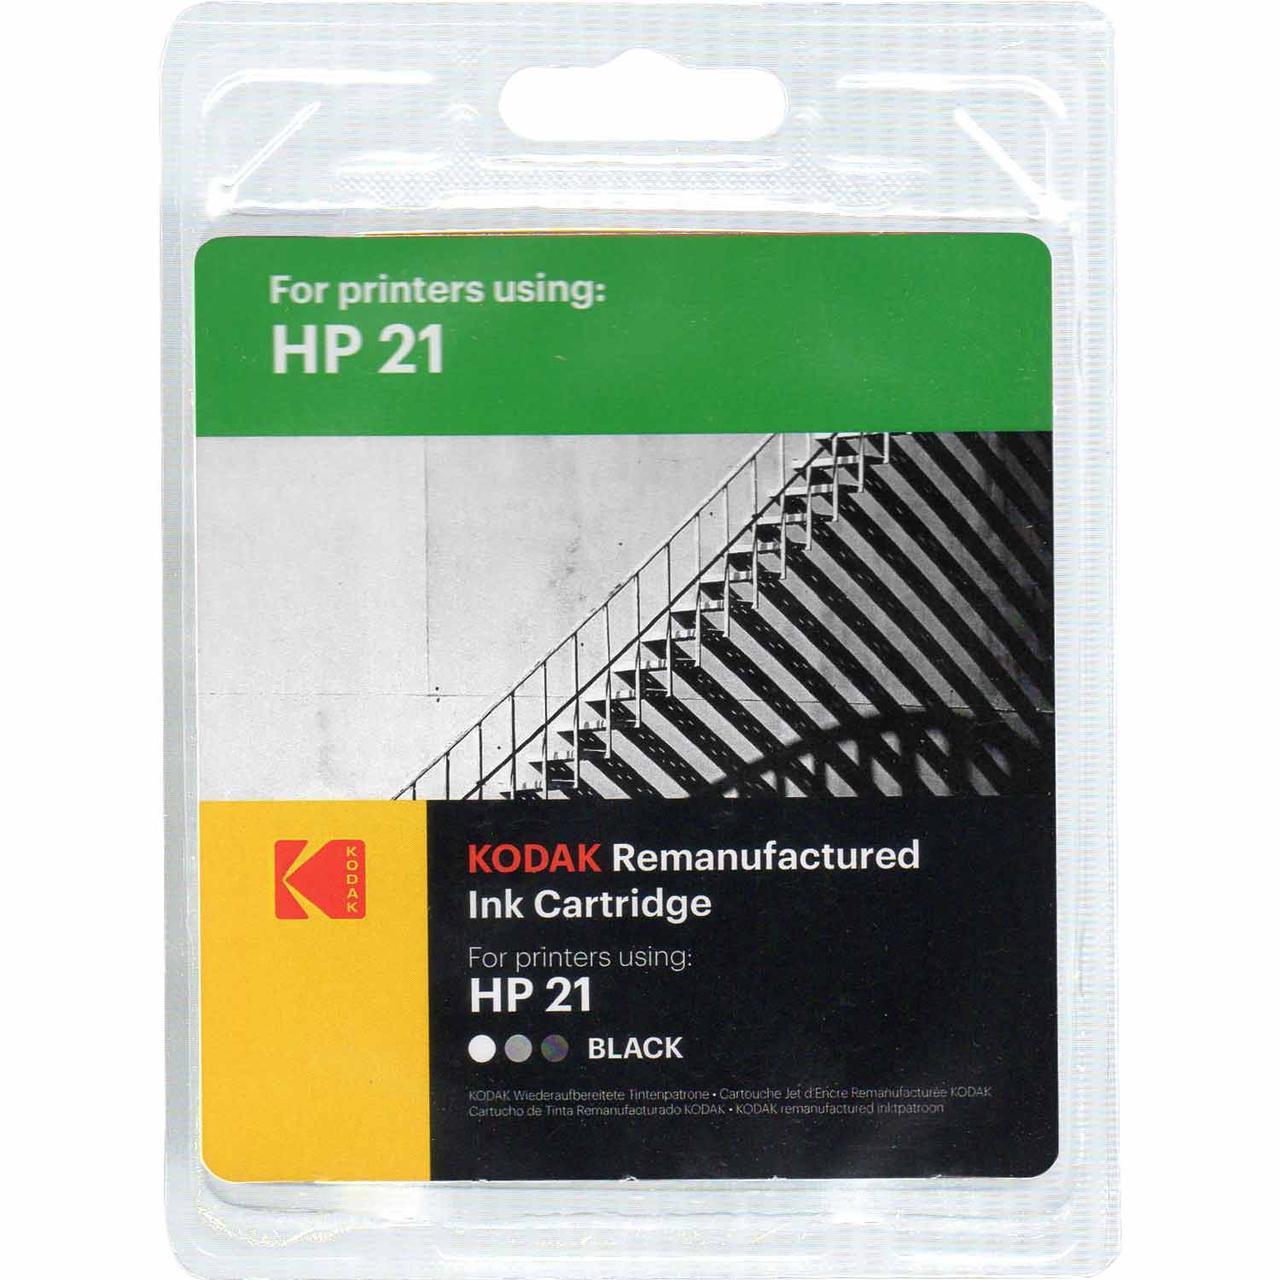 Картридж HP №21 (C9351CE), Black, DJ3920/PSC1410, Kodak (185H002101)